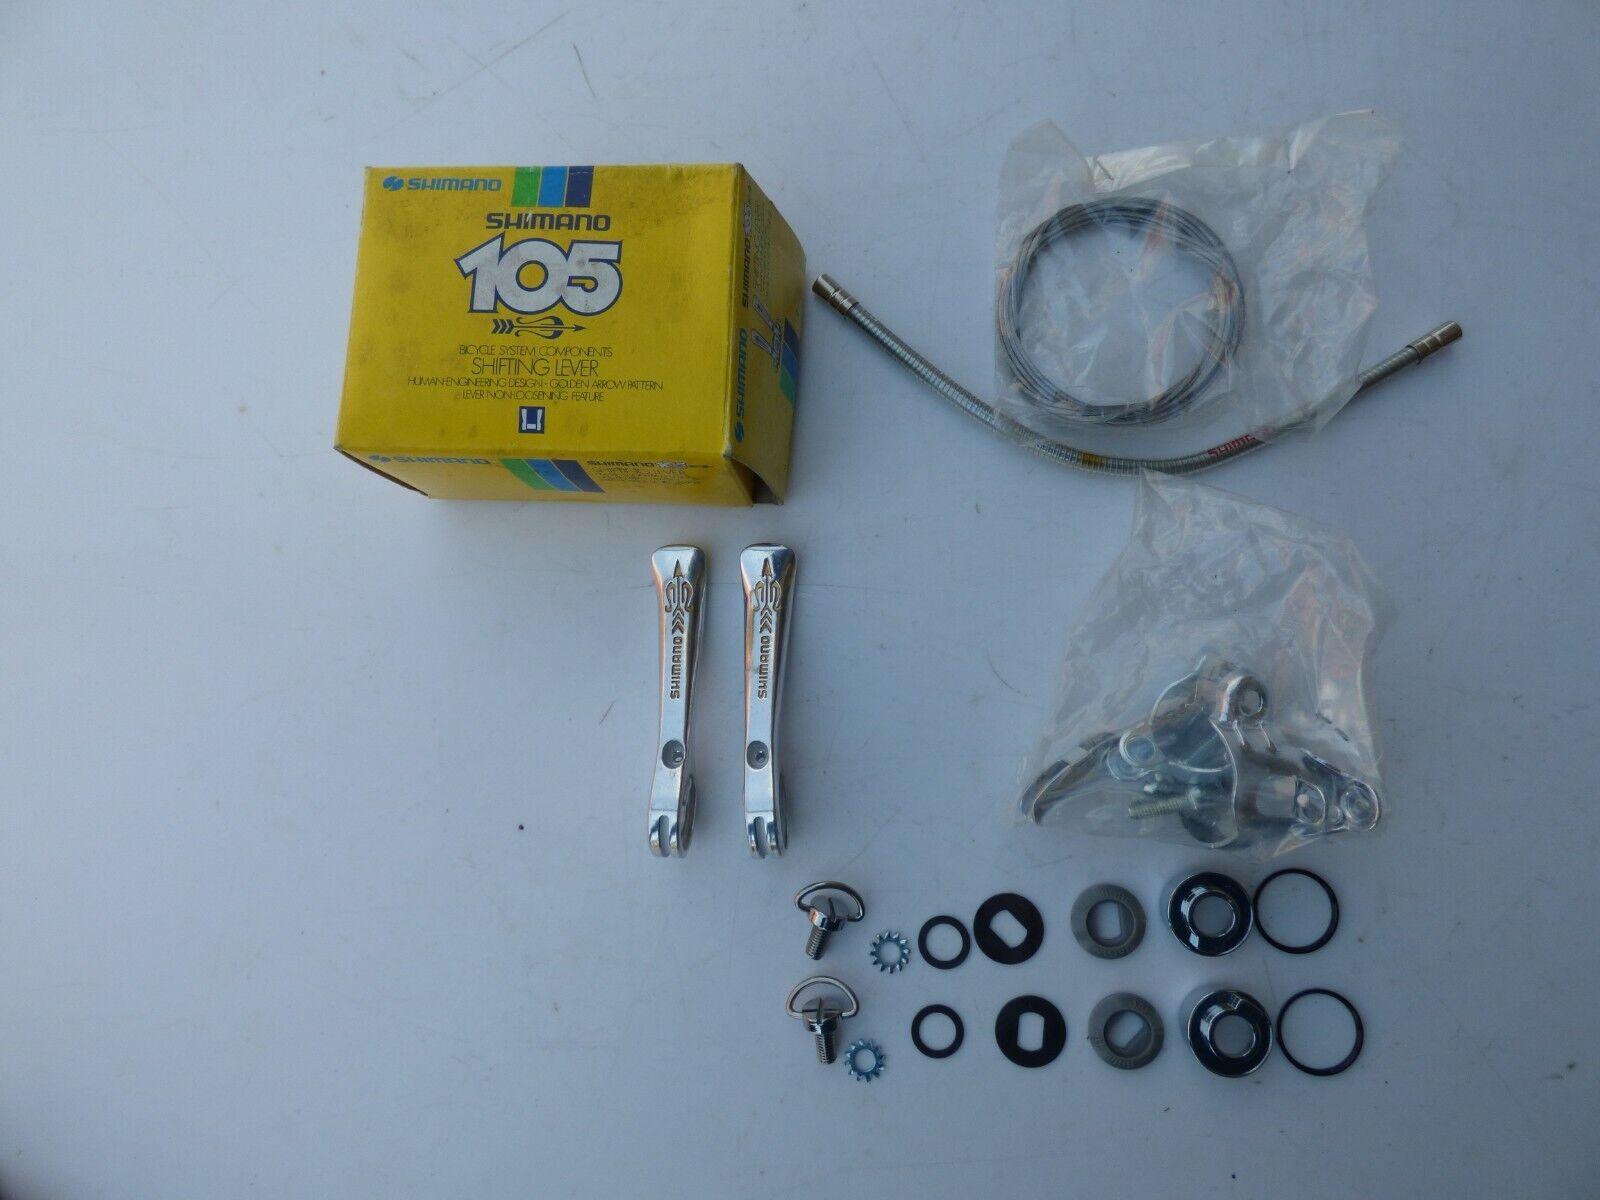 SHIMANO 105 SL-A105FA oroEN ARROW BRAZE-ON SHIFTING LEVERS  - NOS - NIB  más vendido